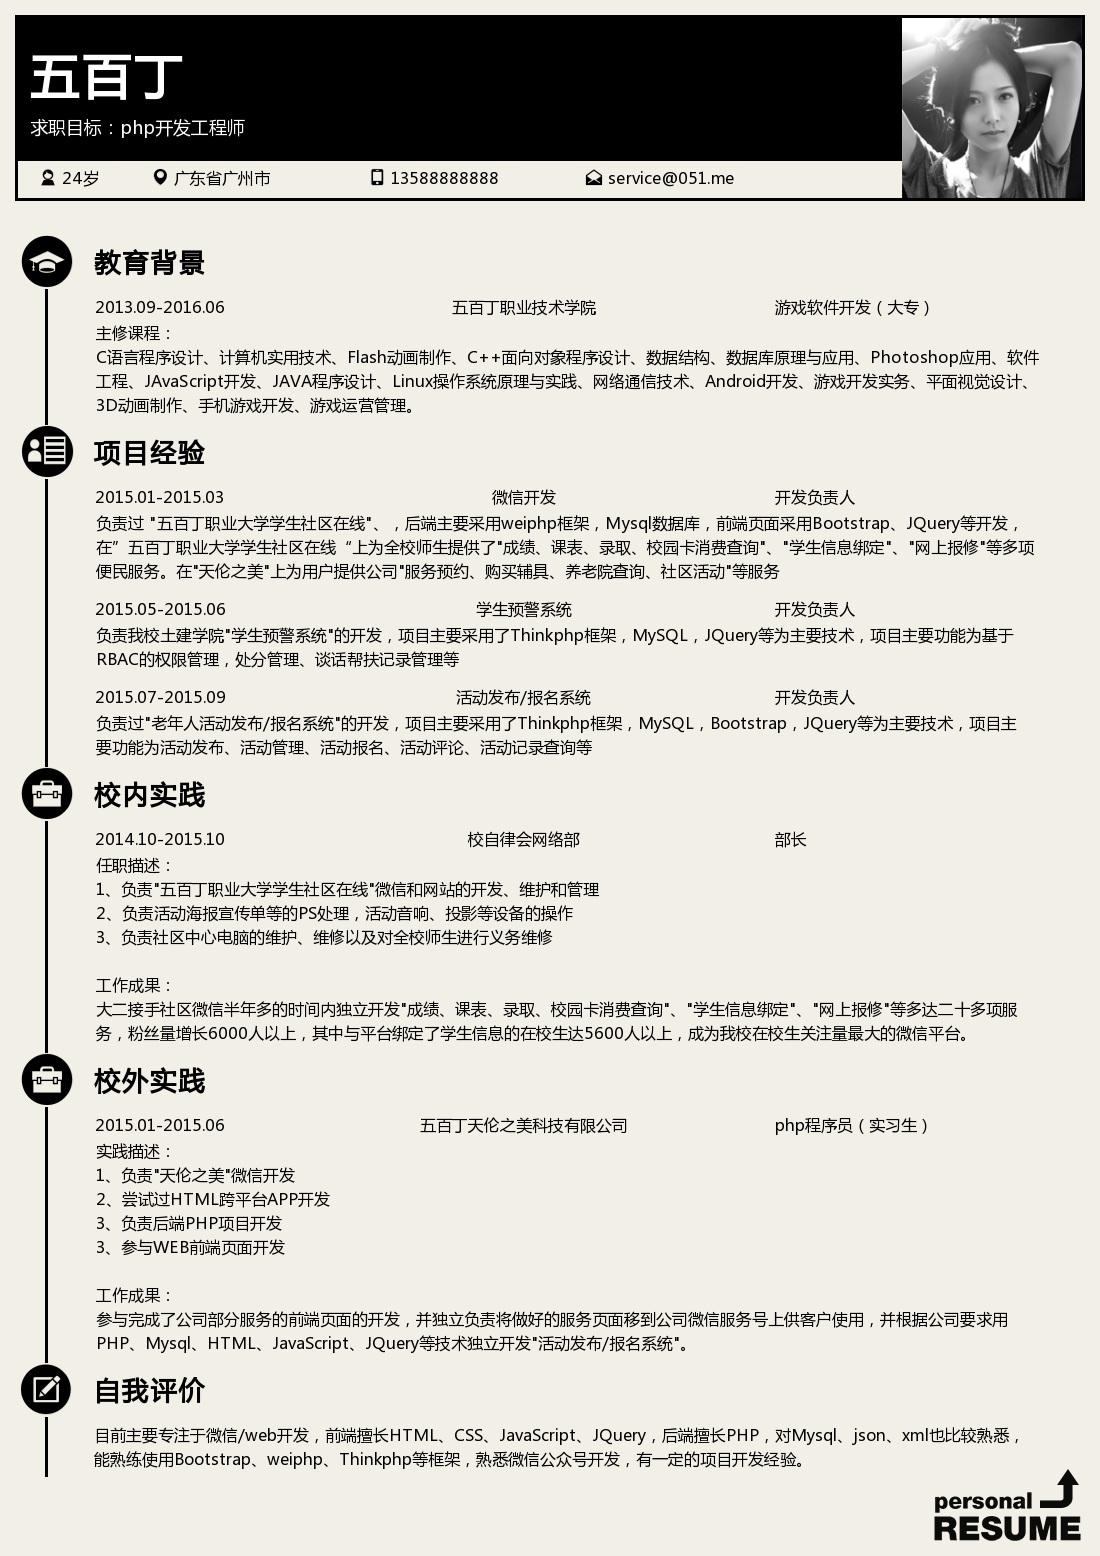 php开发工程师简历(大专)